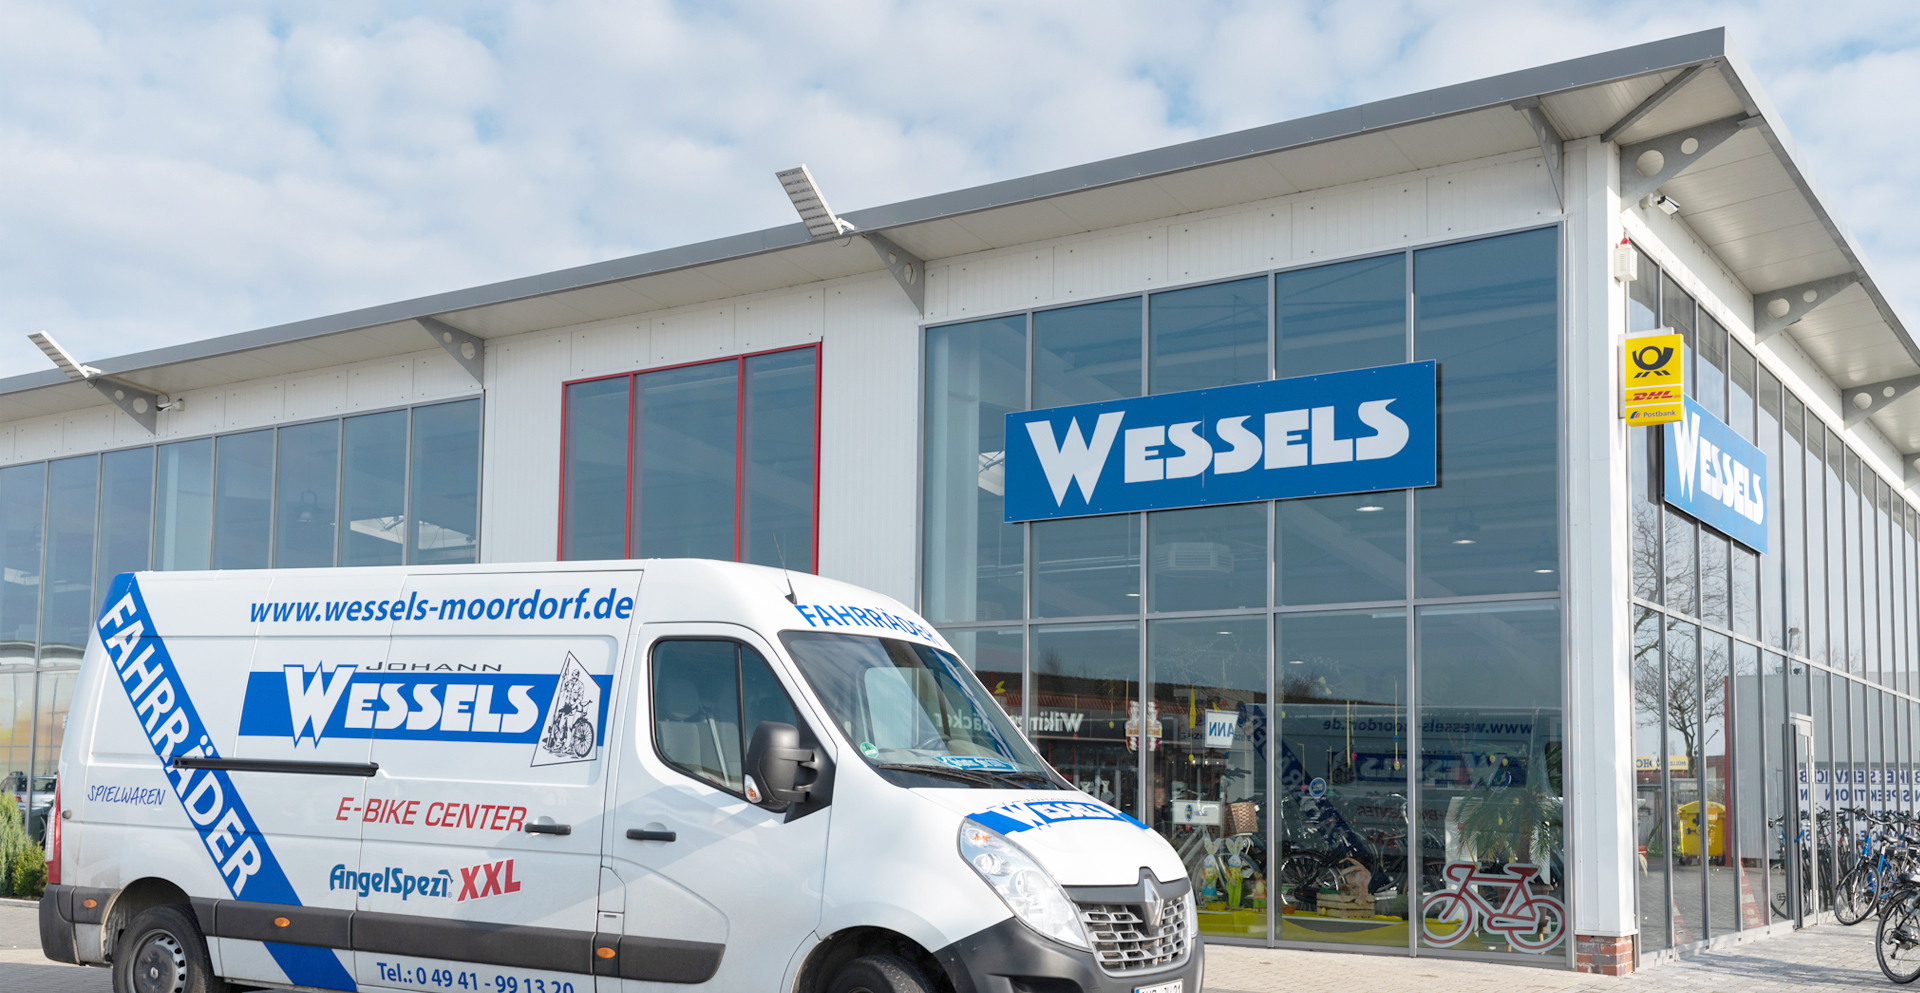 Wessels in Moordorf